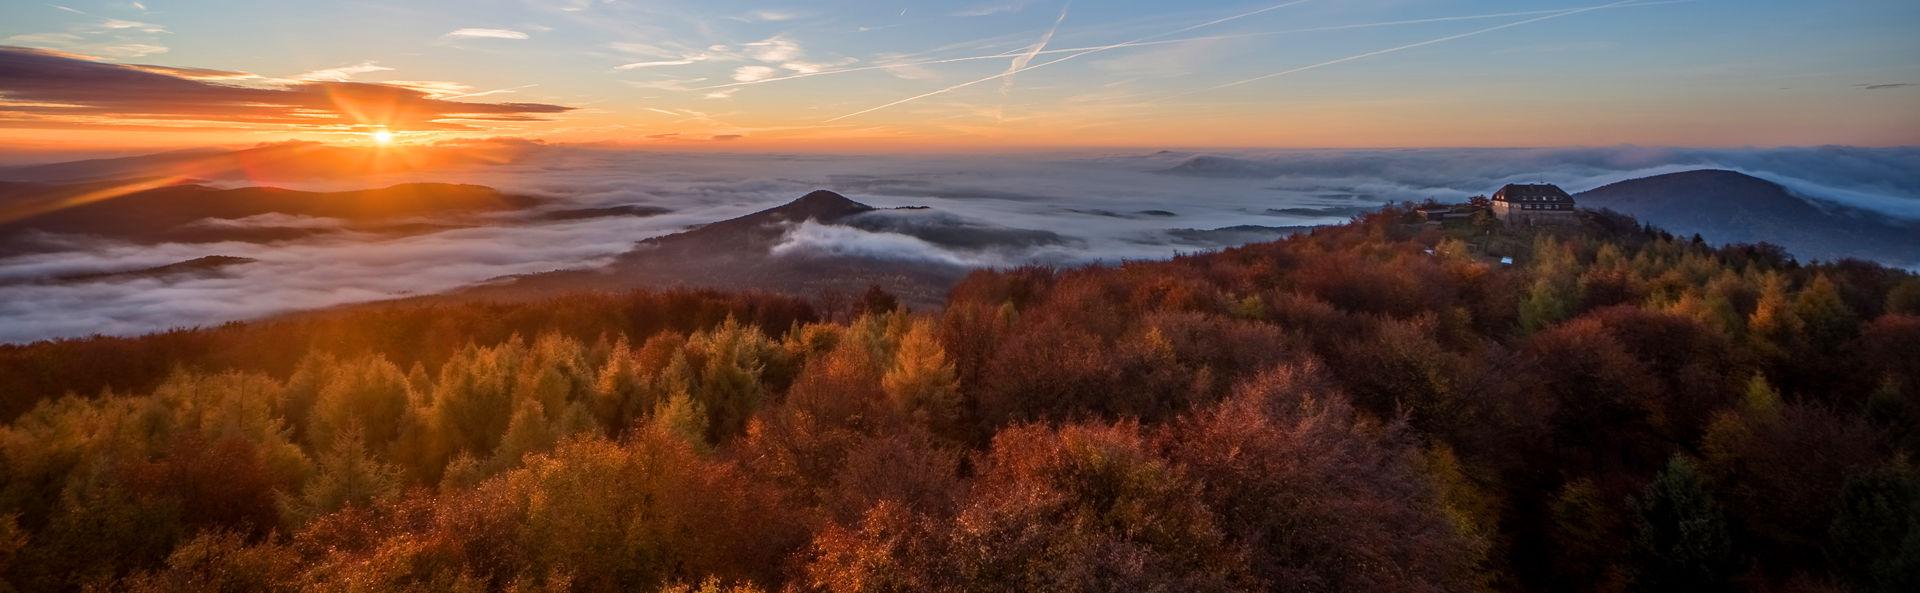 Sonnenaufgang auf dem Hochwald  © Jürgen Bollmann / city-map Bautzen